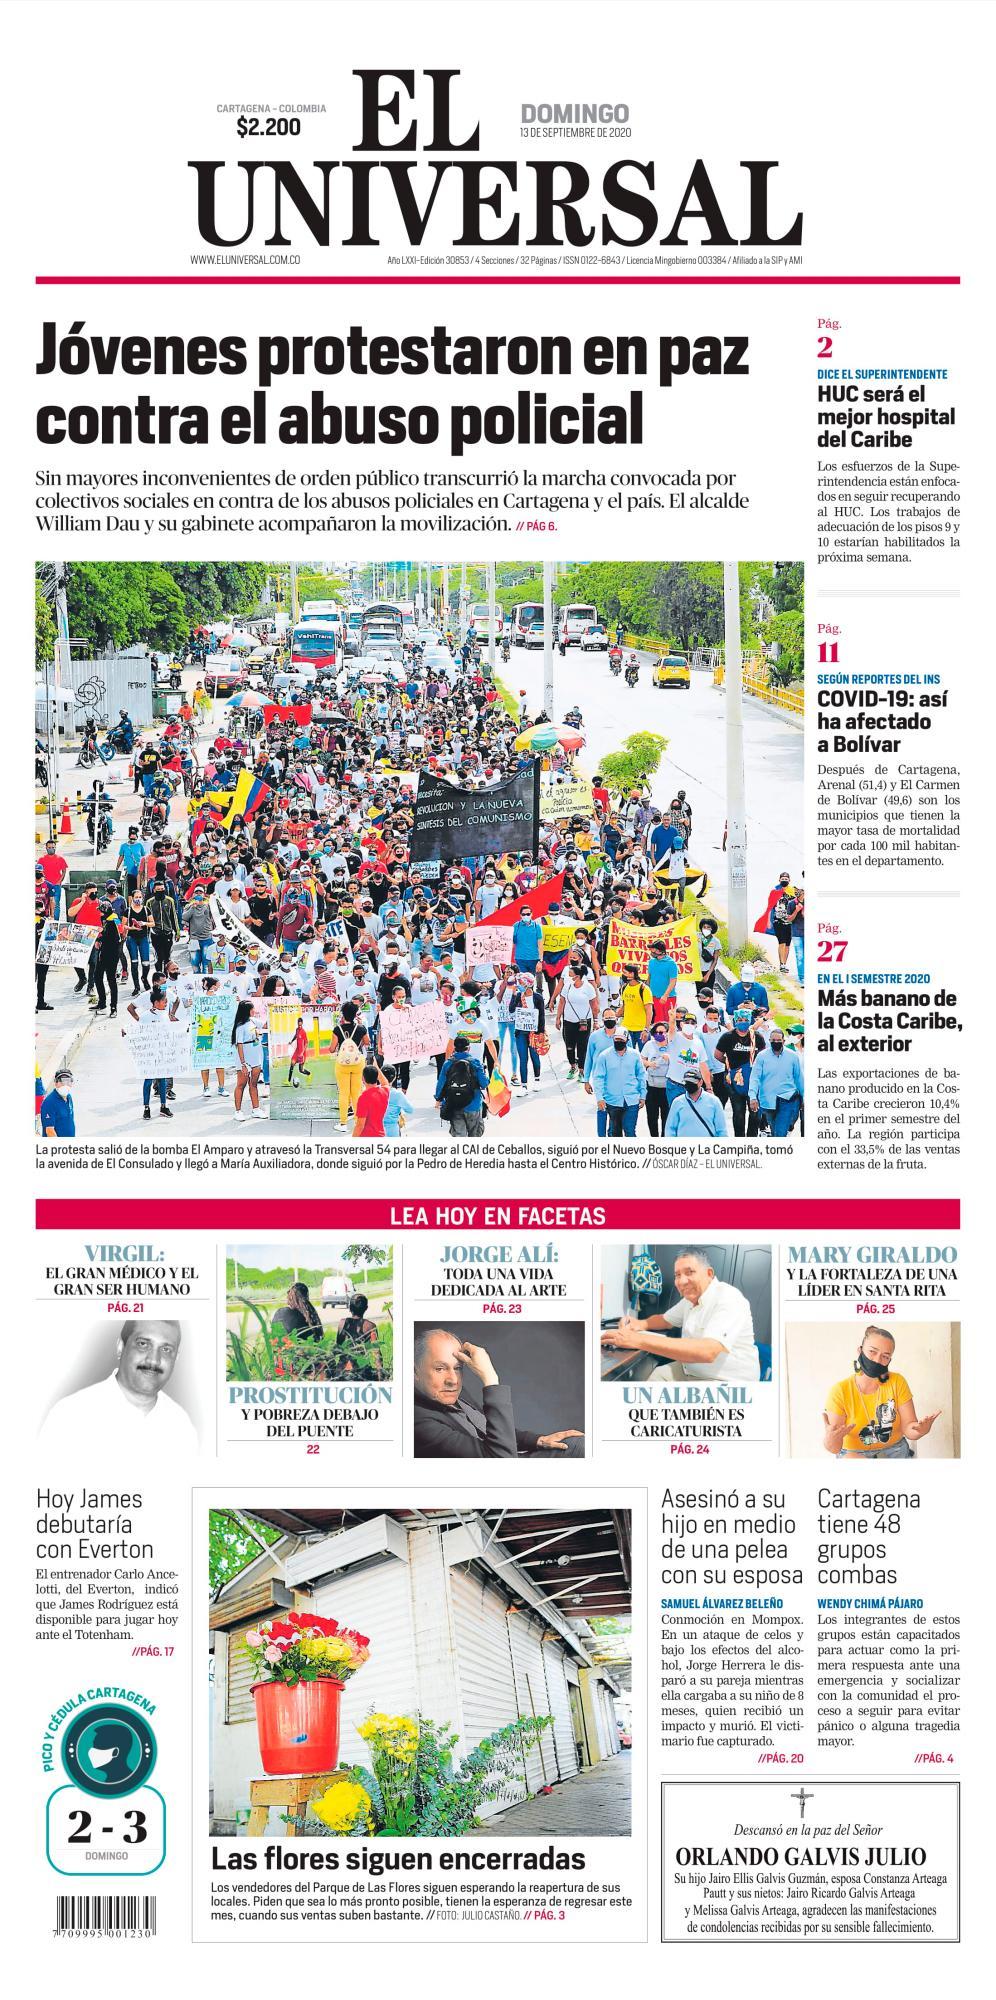 Imagen EU 13-09-2020-Página 1-UNICA-1